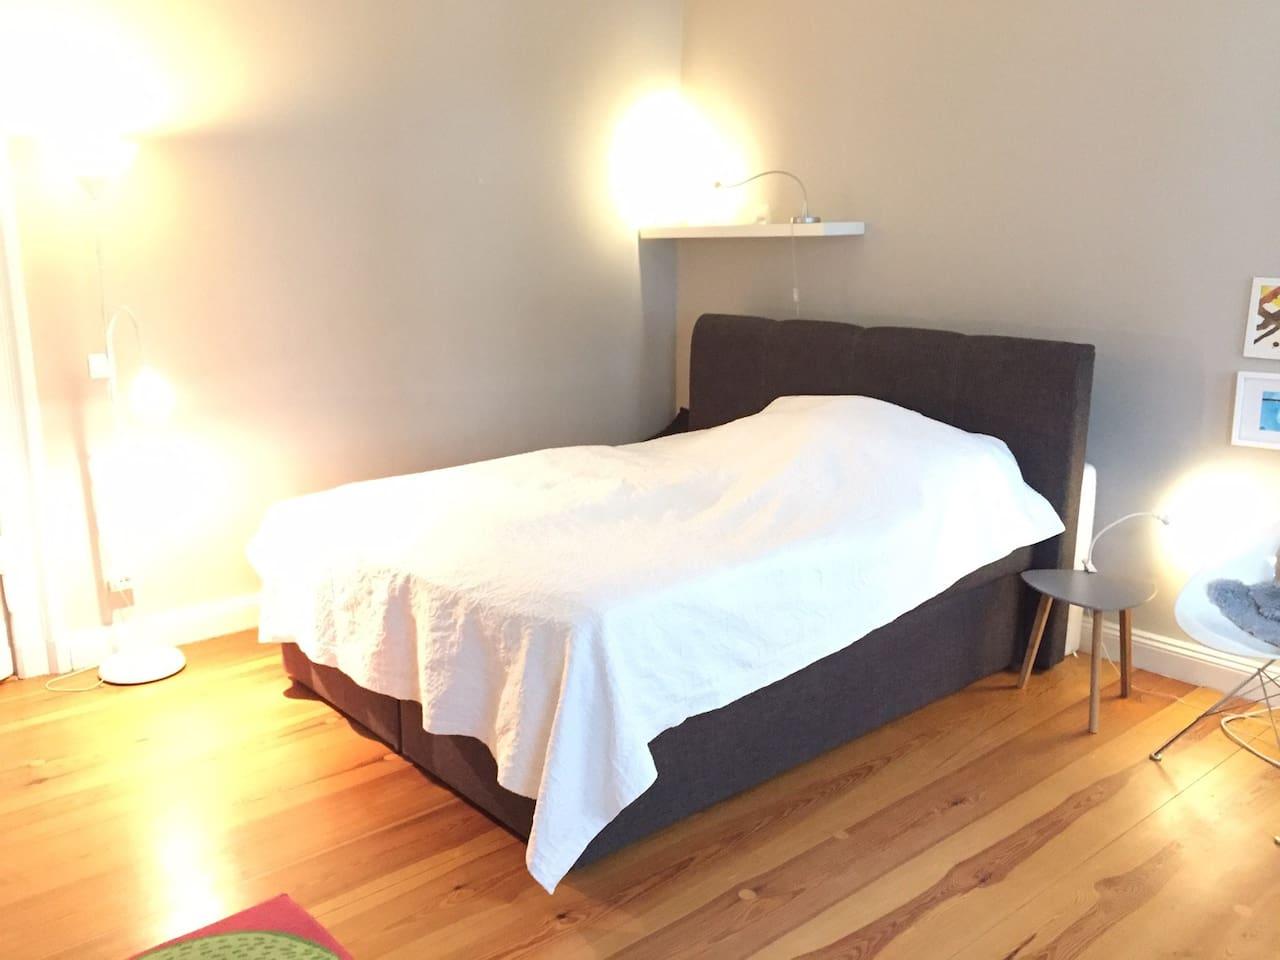 comfi Boxspring bed 1,60 m